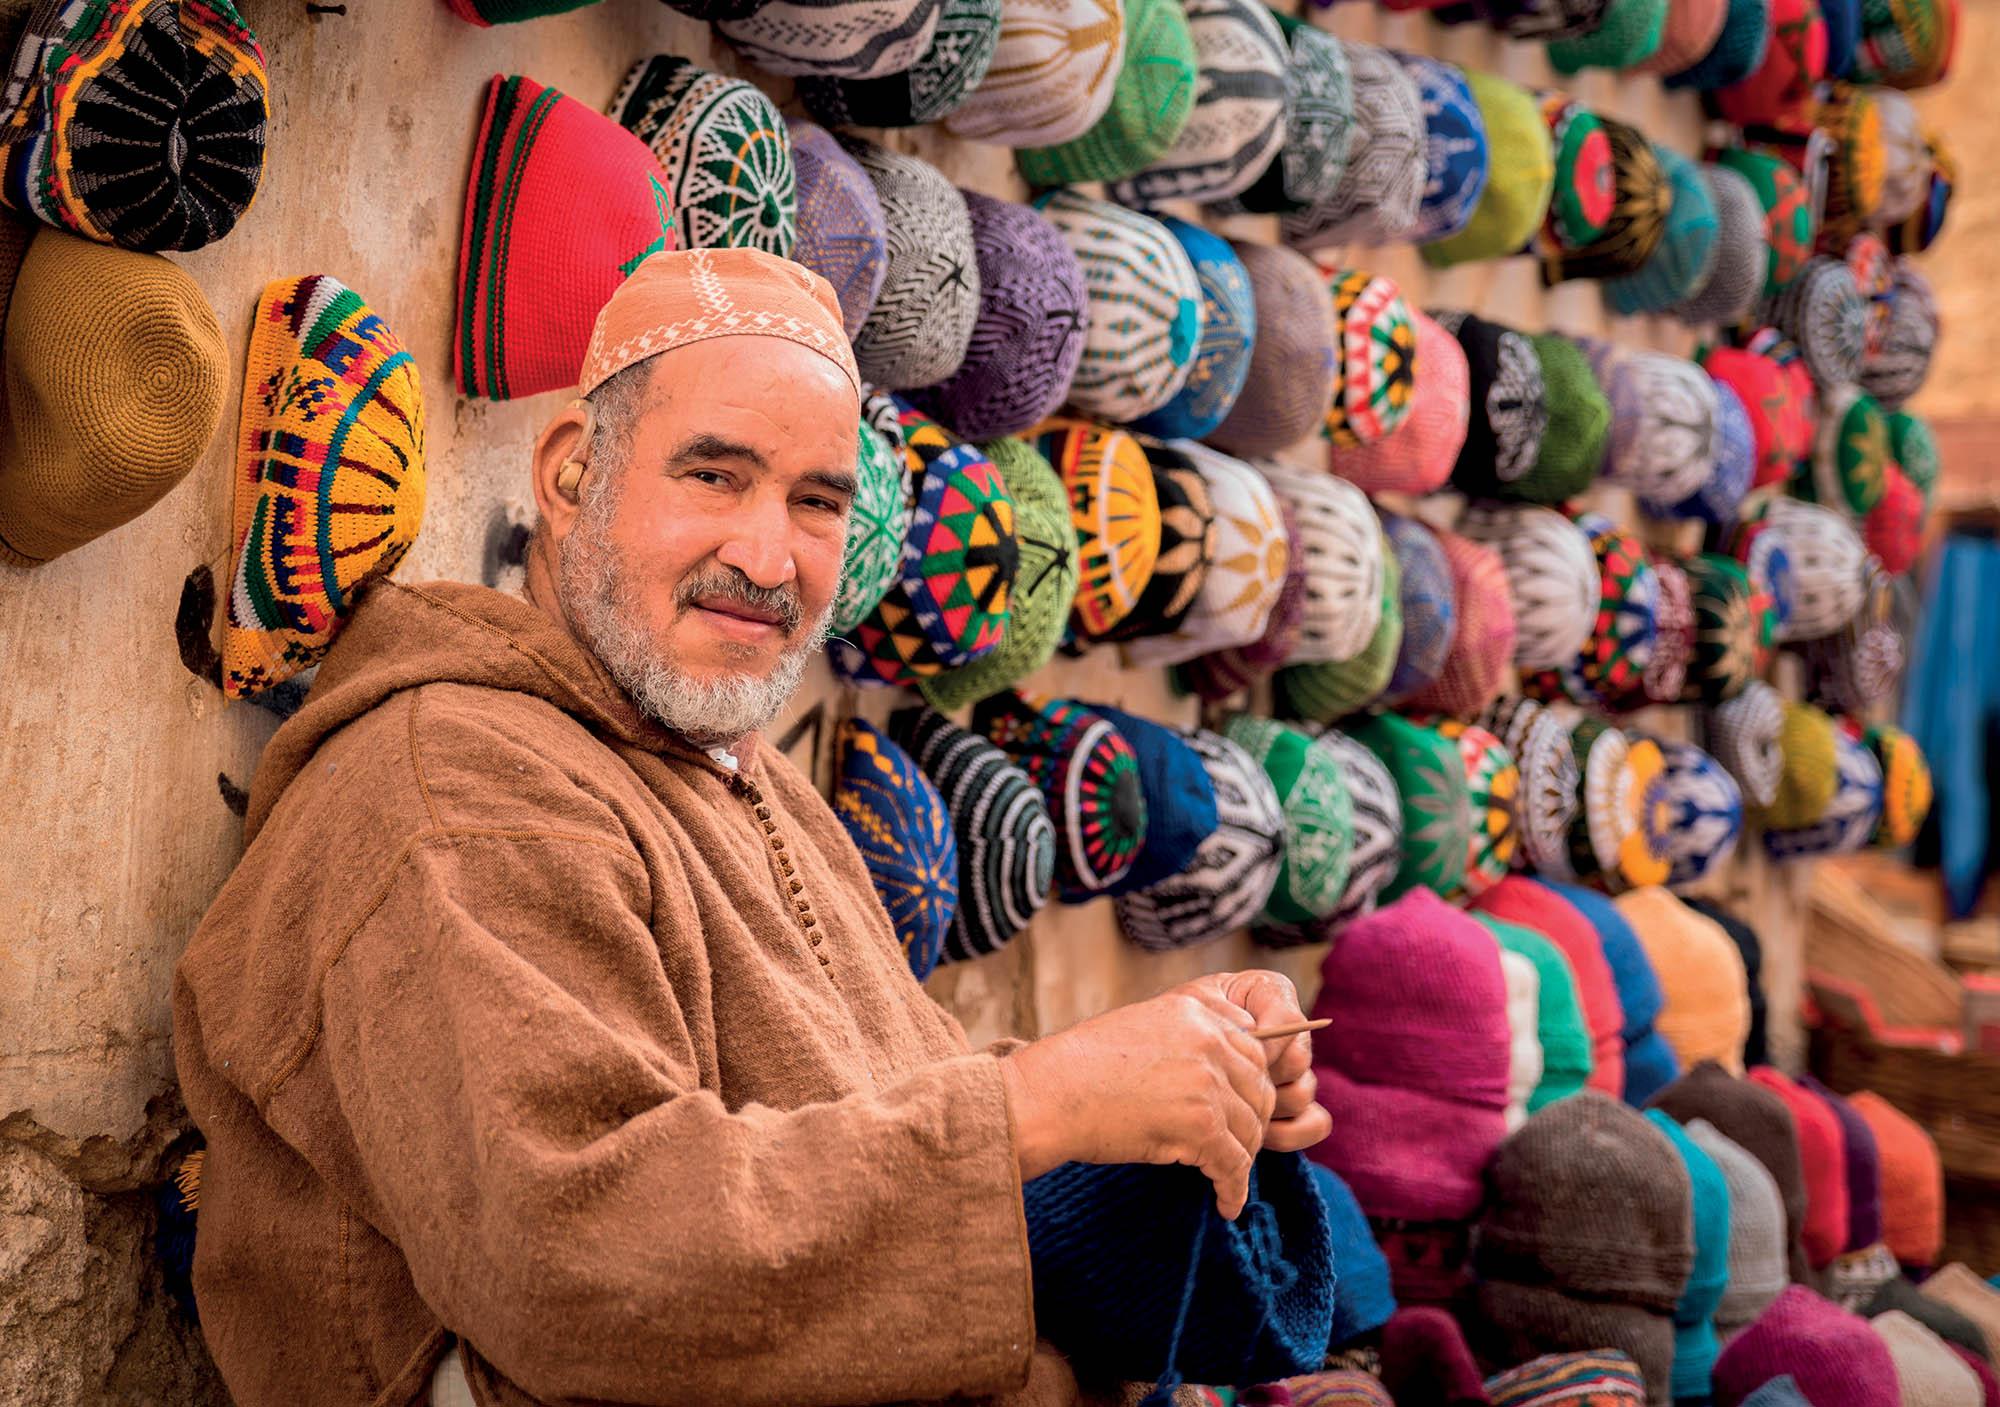 Morocco du lịch người đàn ông bán nón len